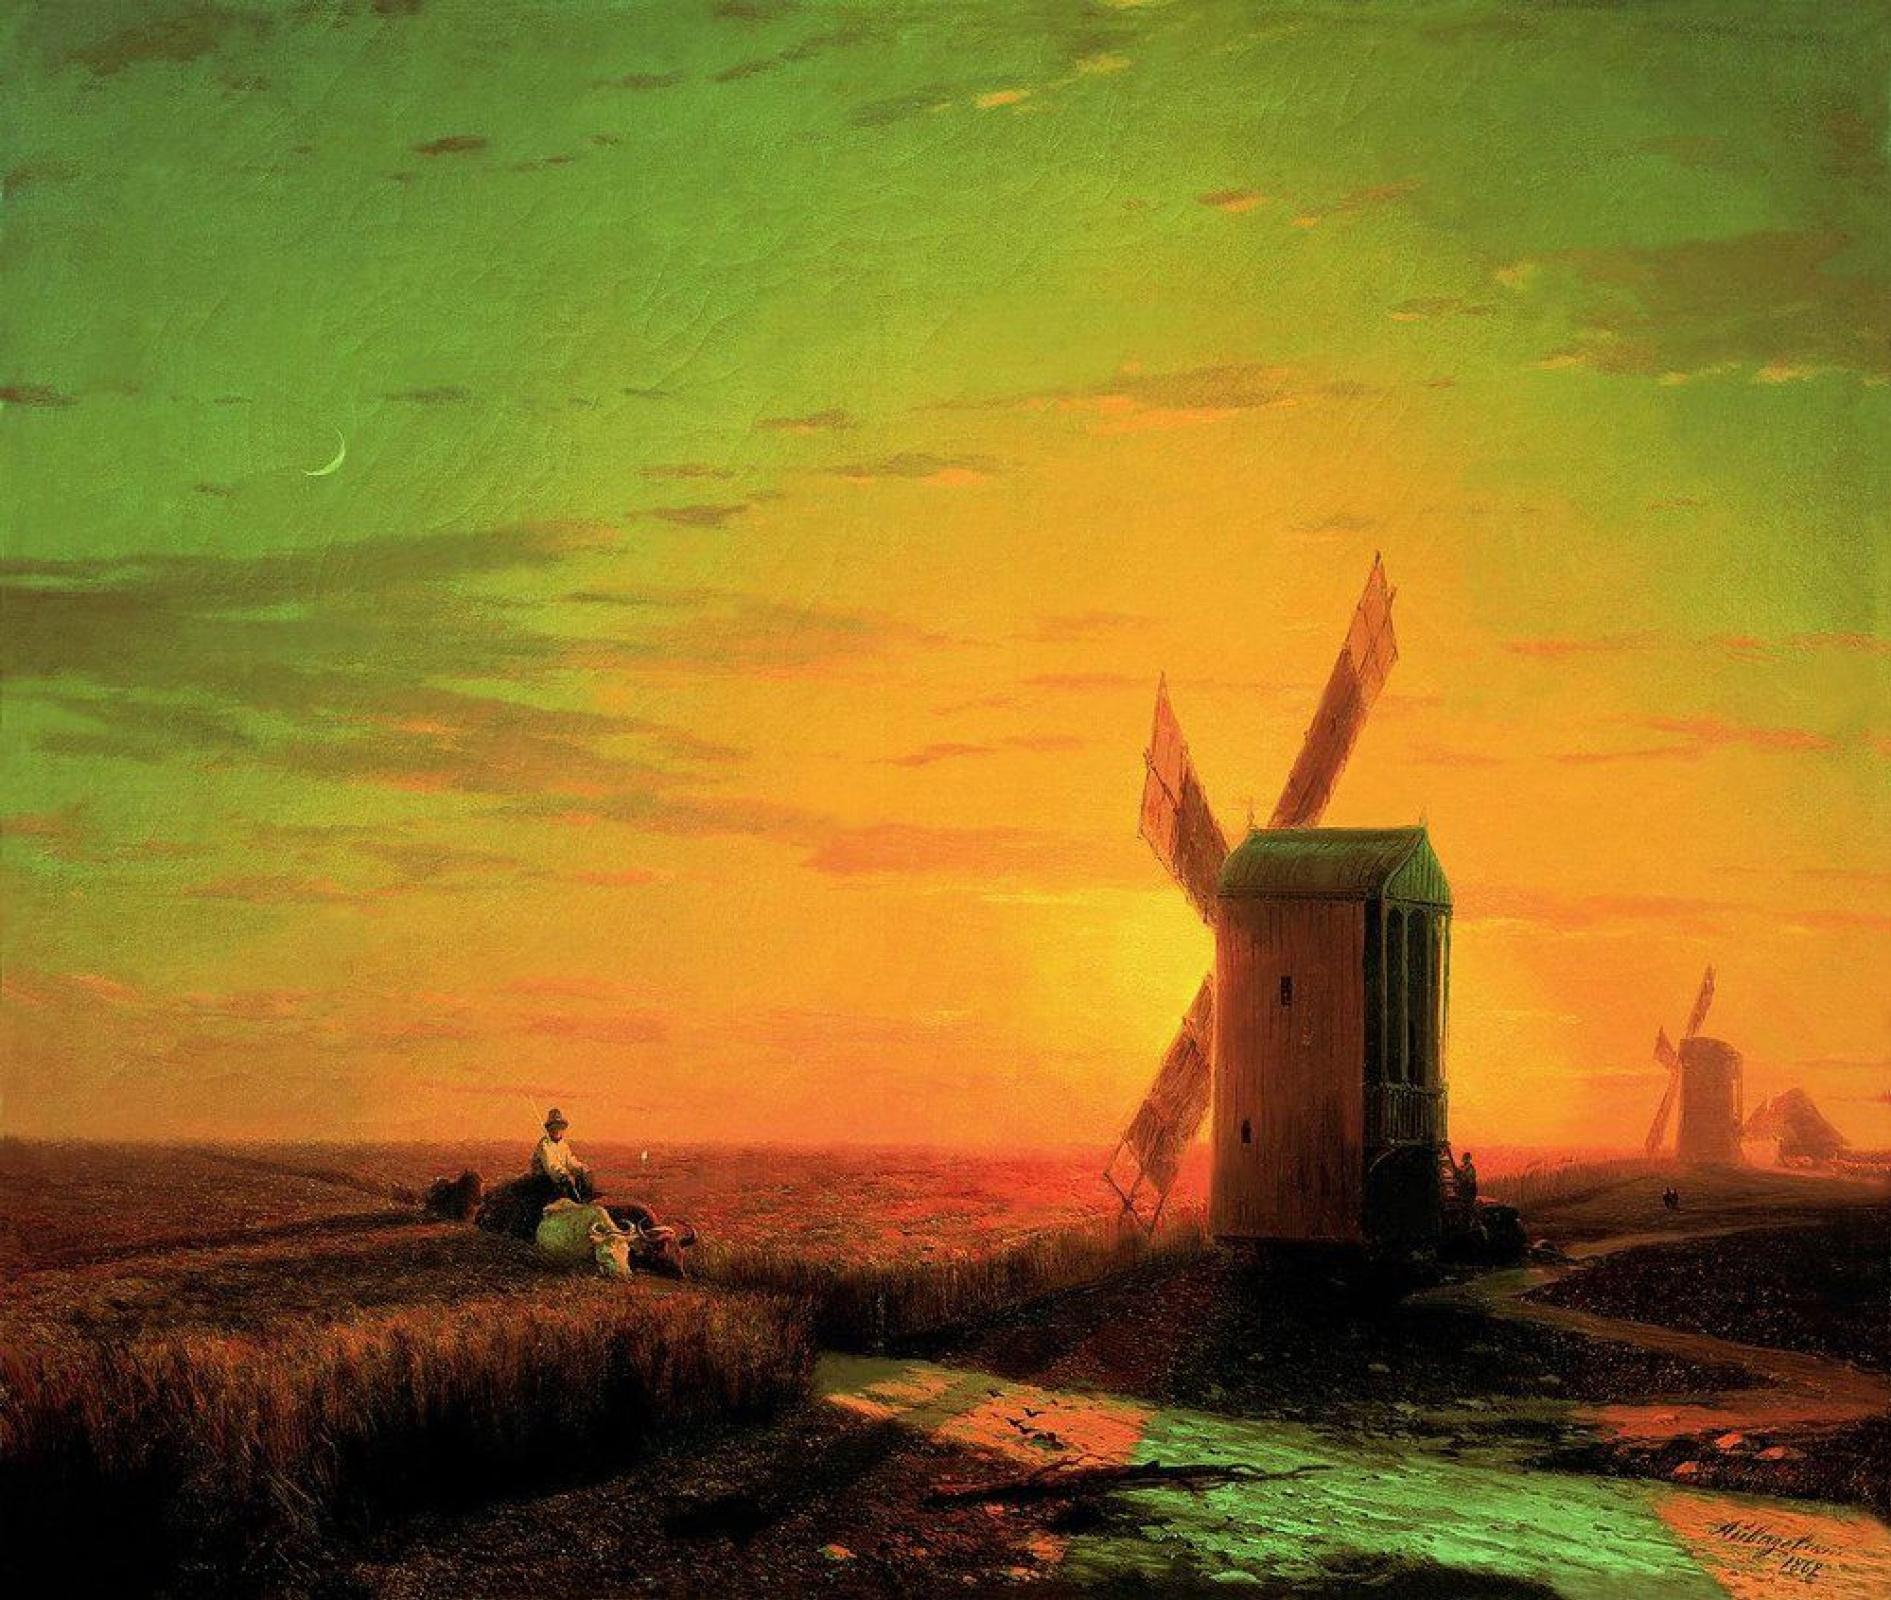 Иван Константинович Айвазовский. Ветряные мельницы в украинской степи при закате солнца